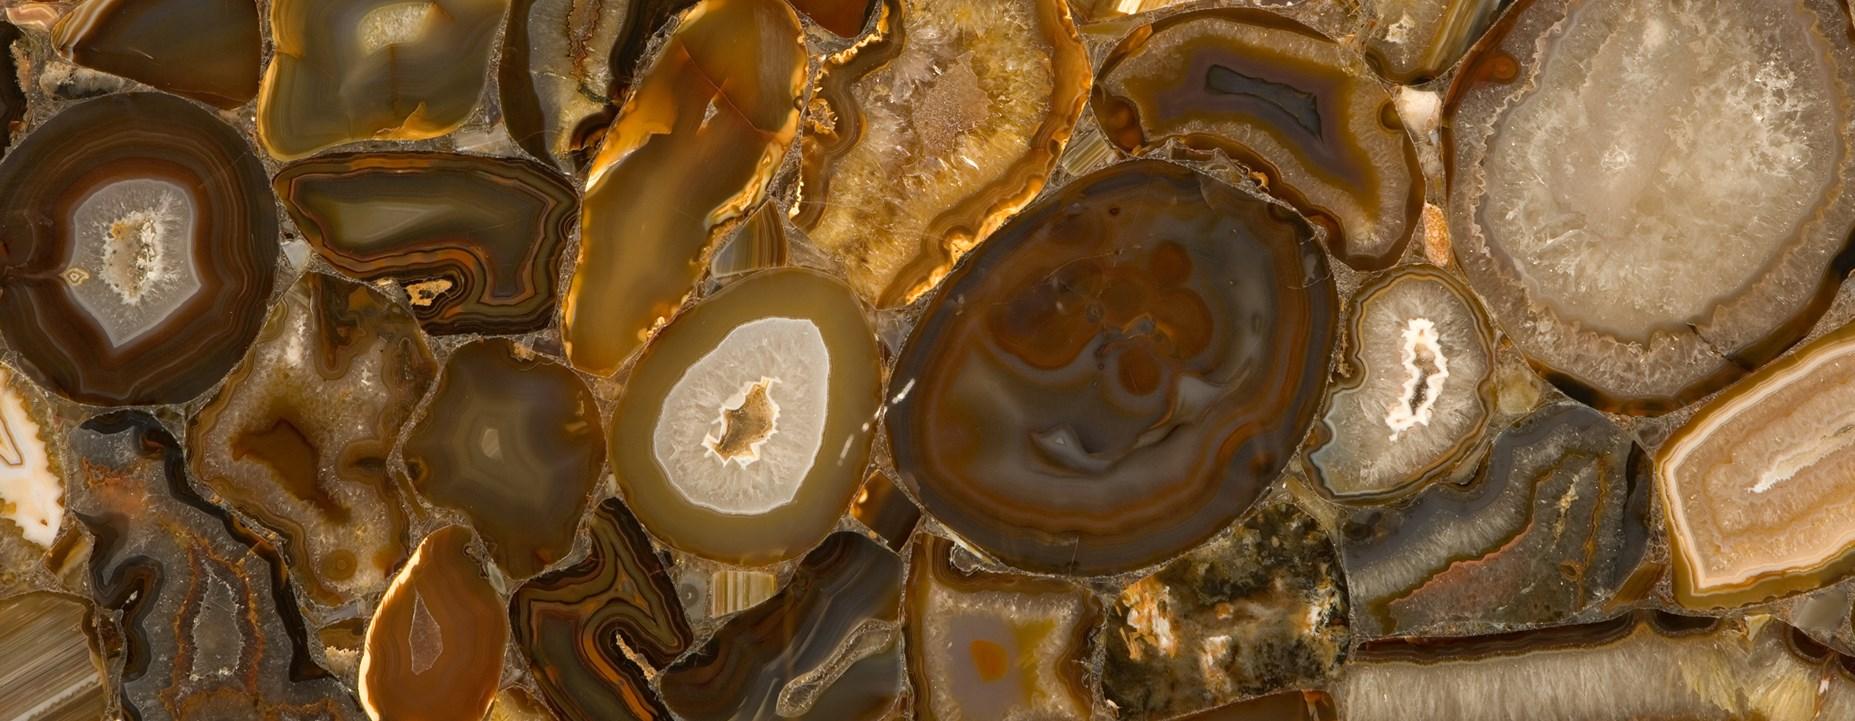 brown agate